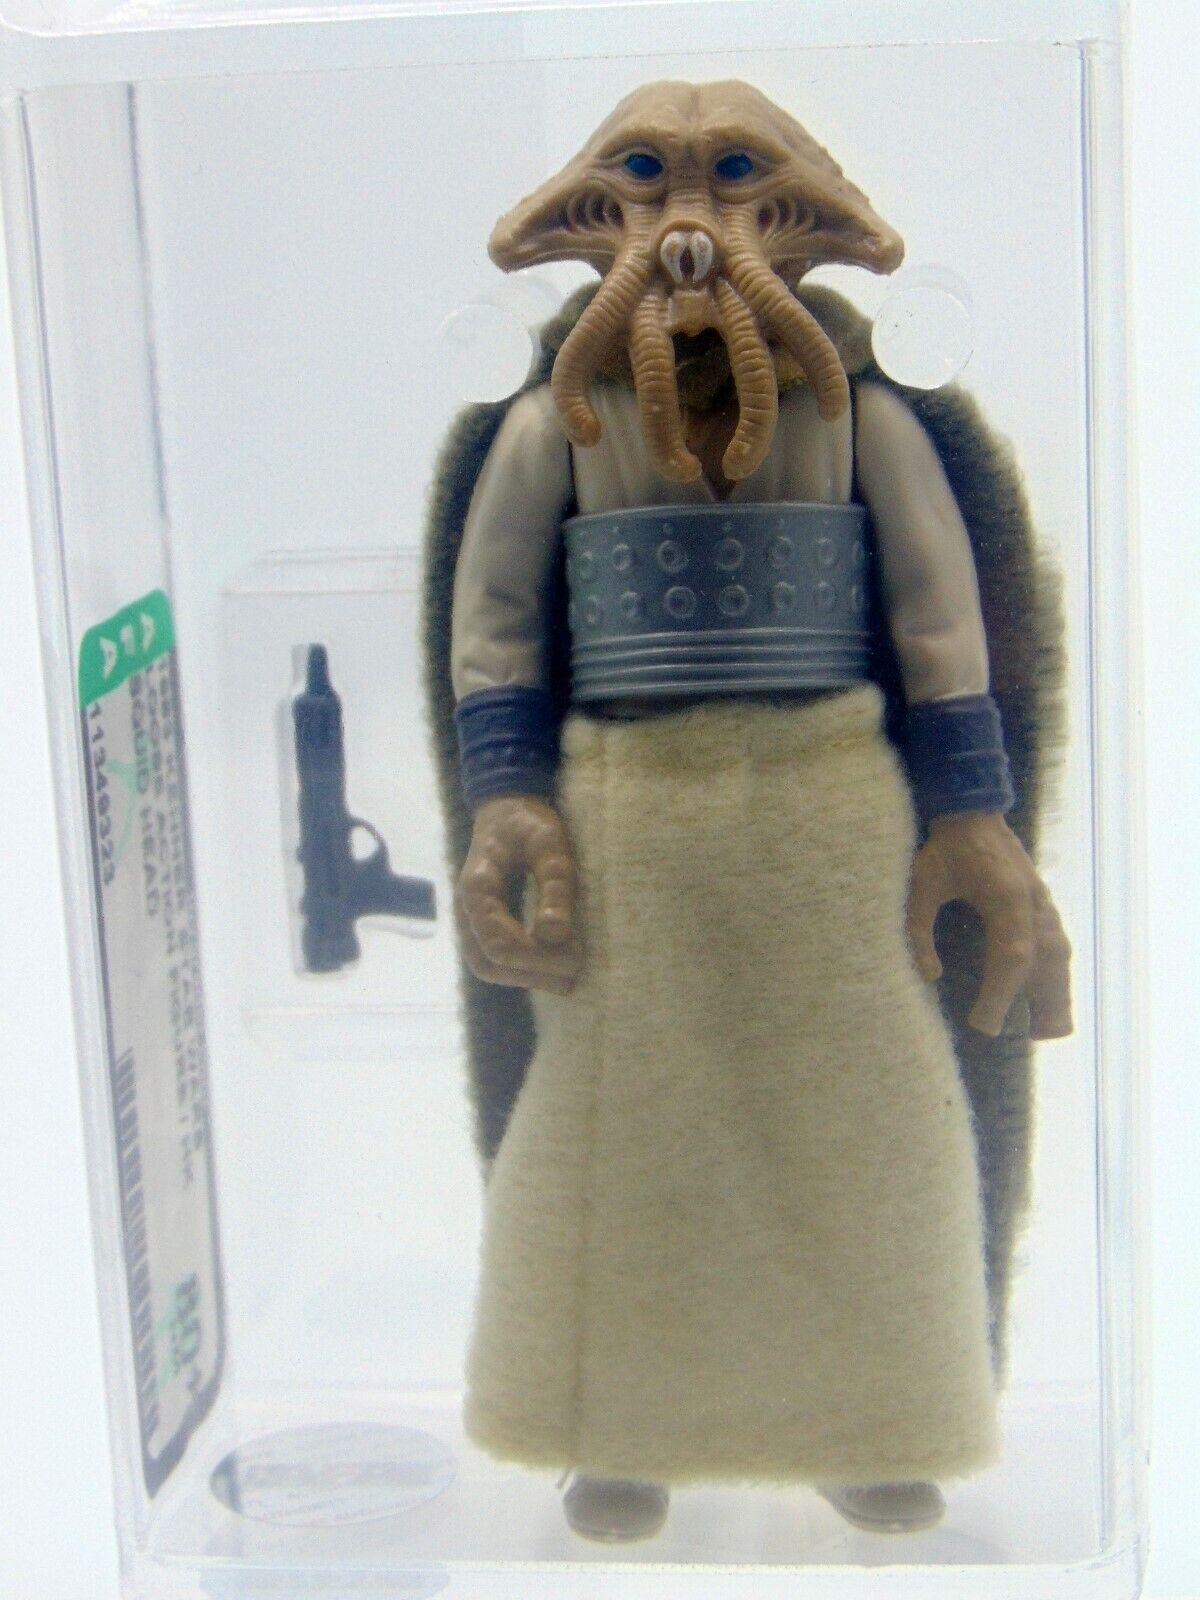 1983 Kenner Star Wars Loose Squid Head, HK, AFA Graded 80+ NM